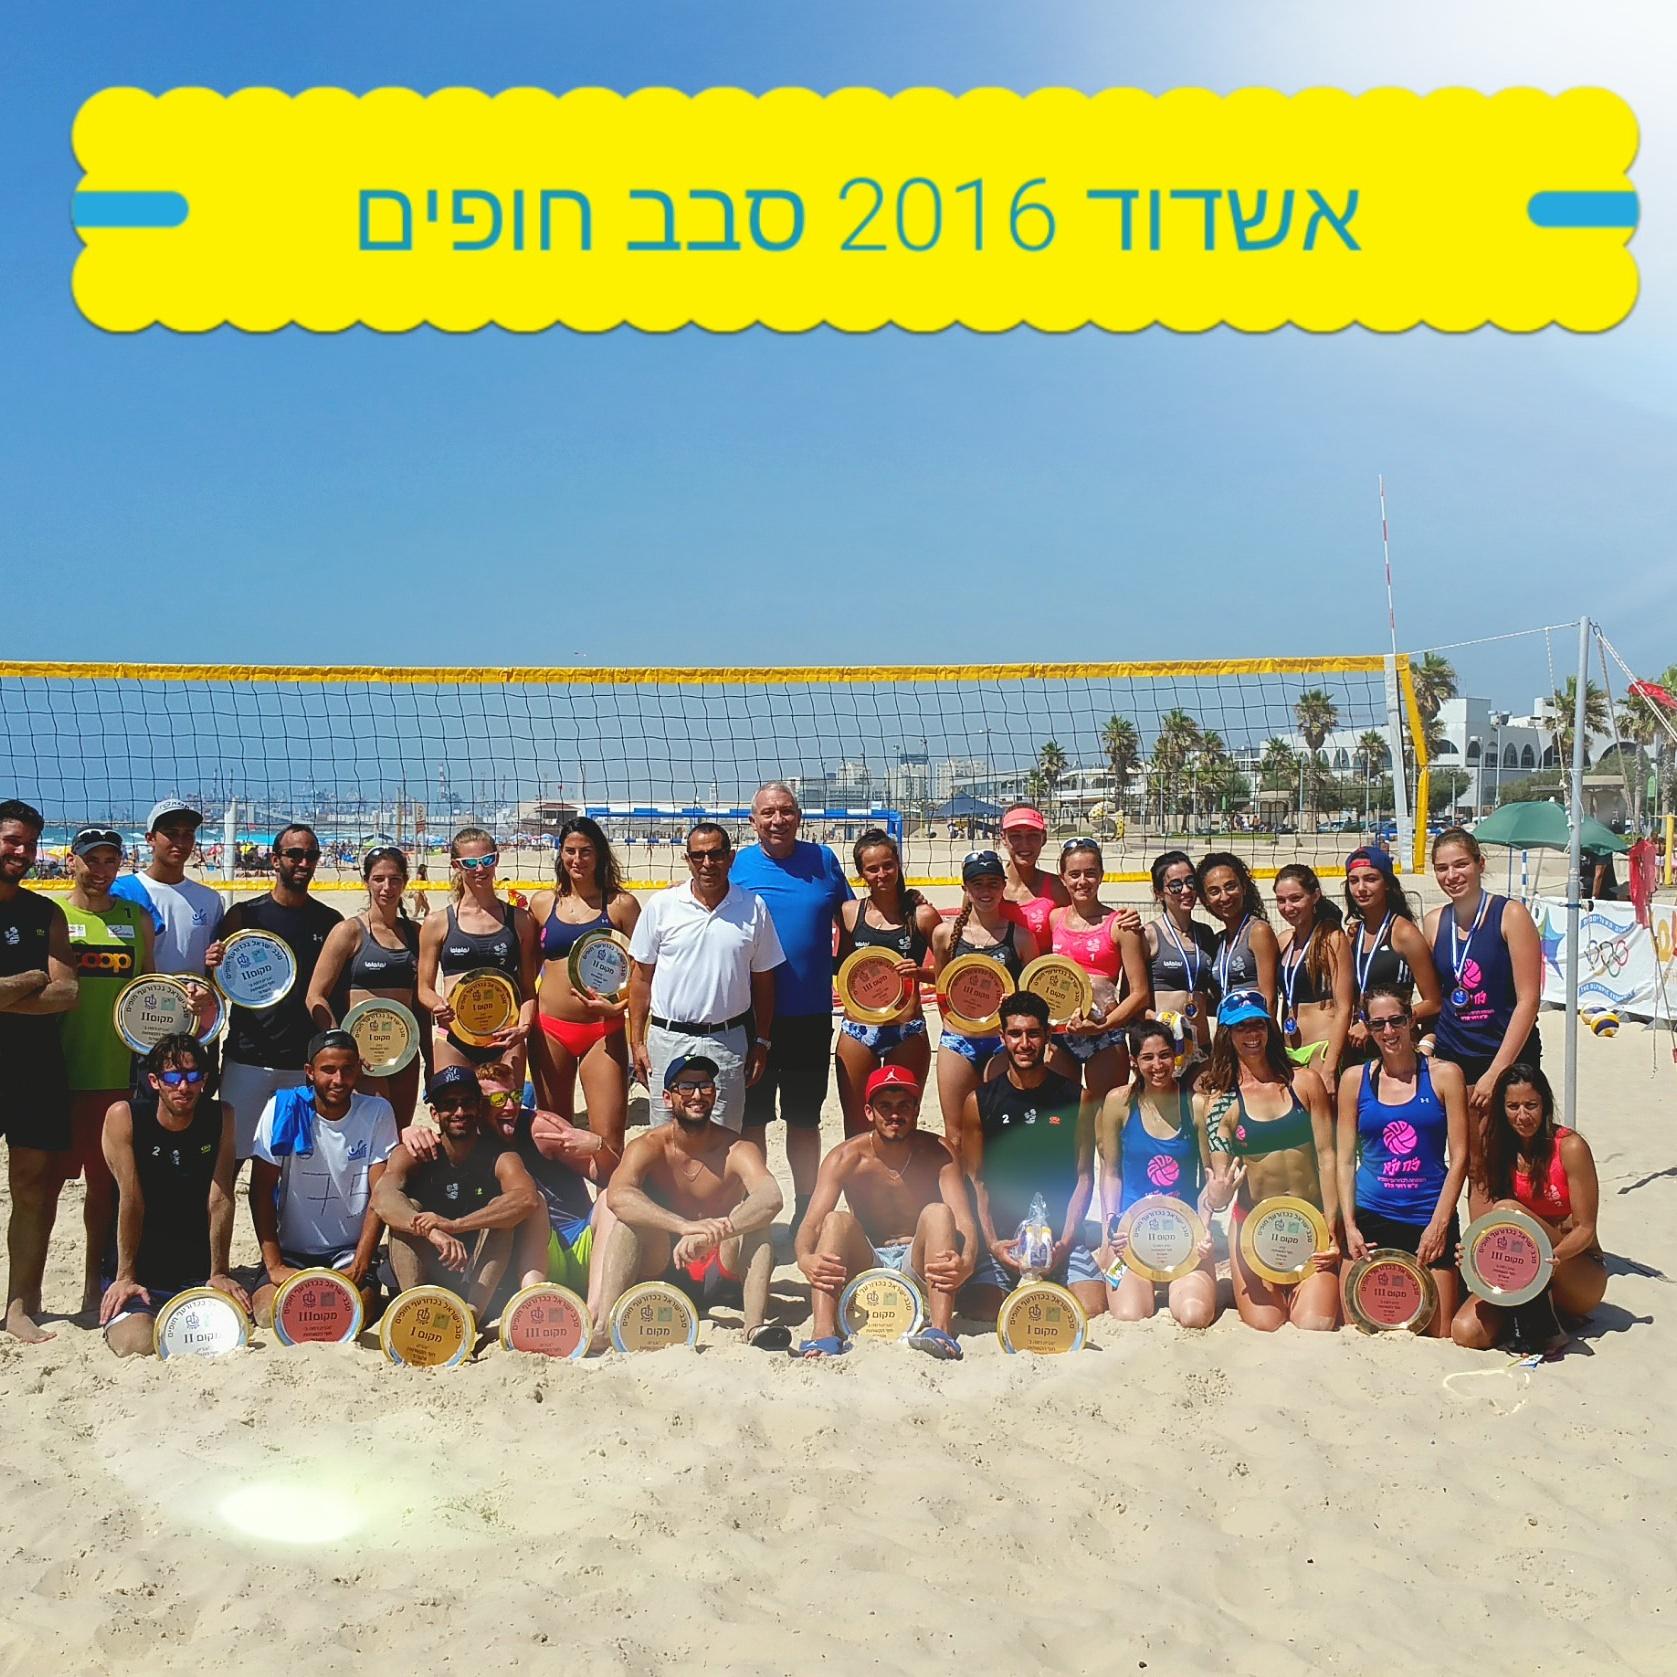 חופי אשדוד – חממה ארצית מרכזית לפיתוח ענף כדורעף החופים